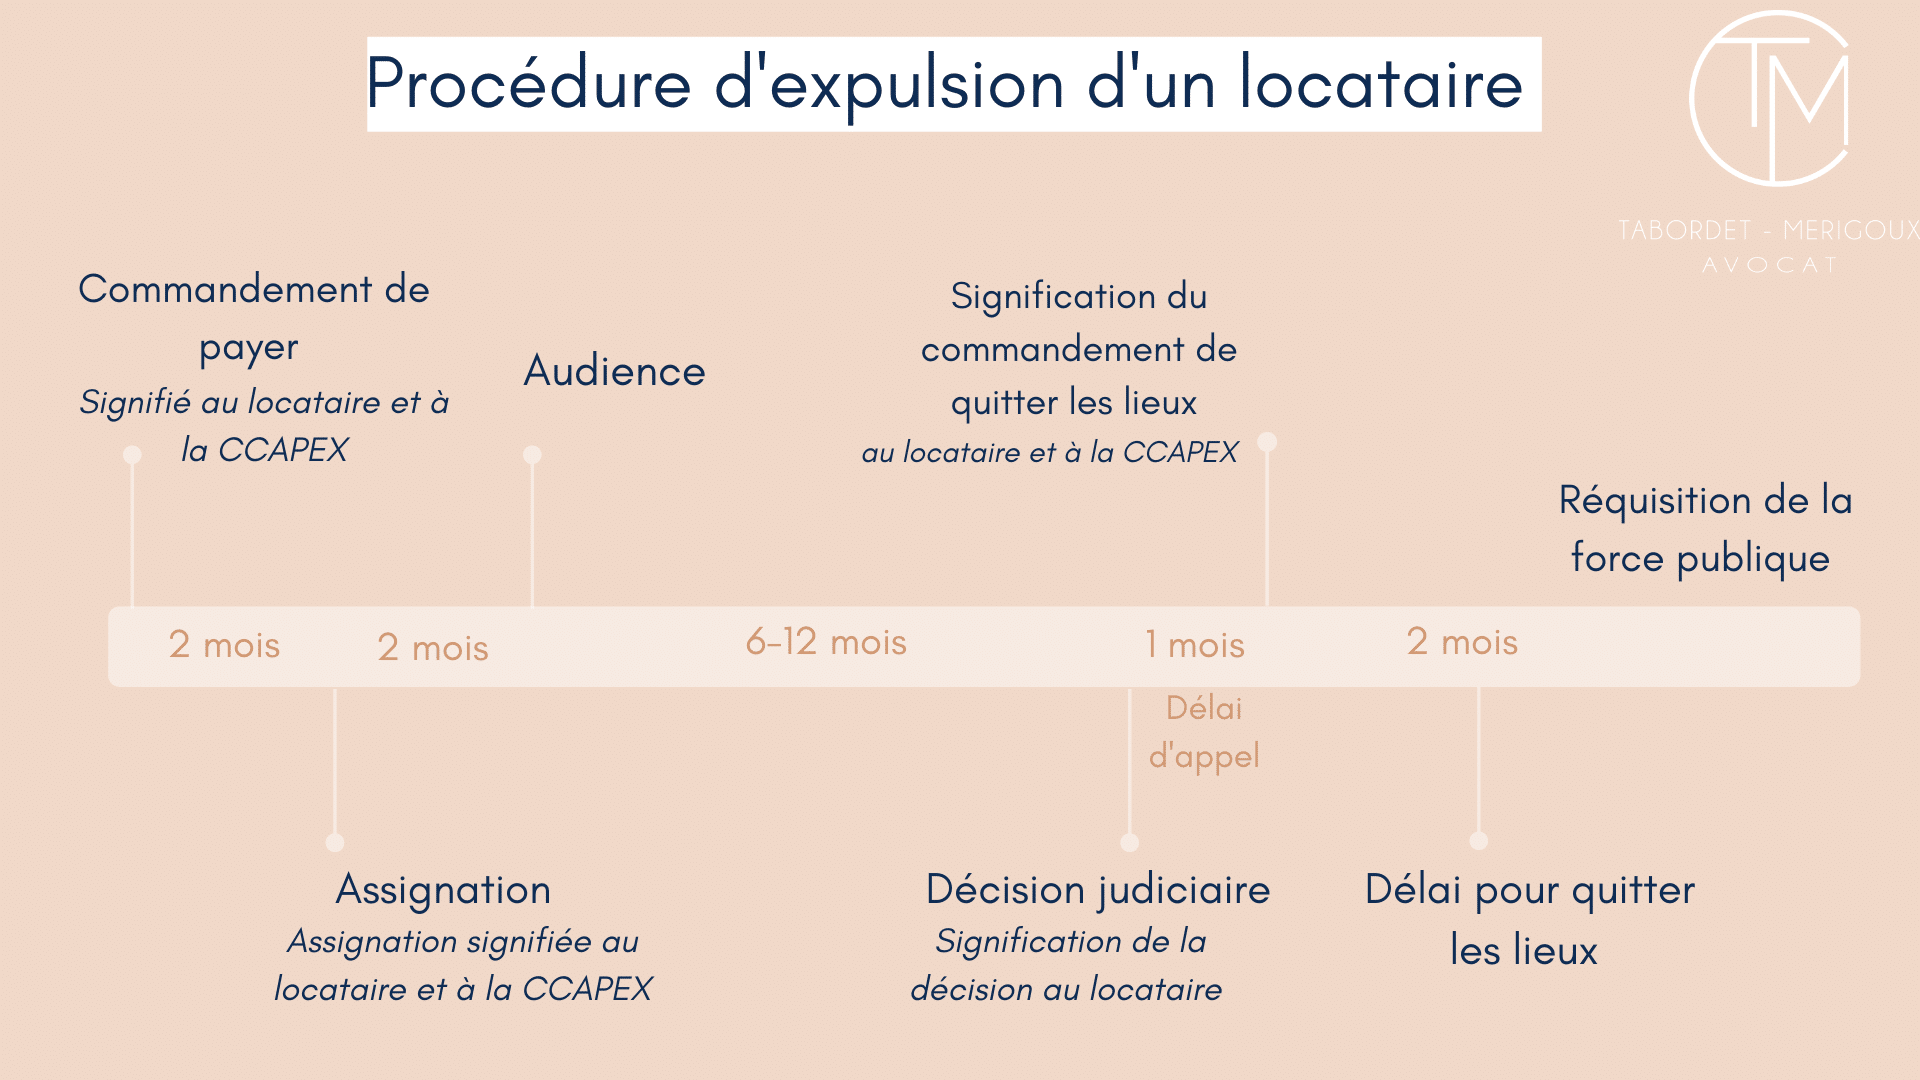 procédure d'expulsion